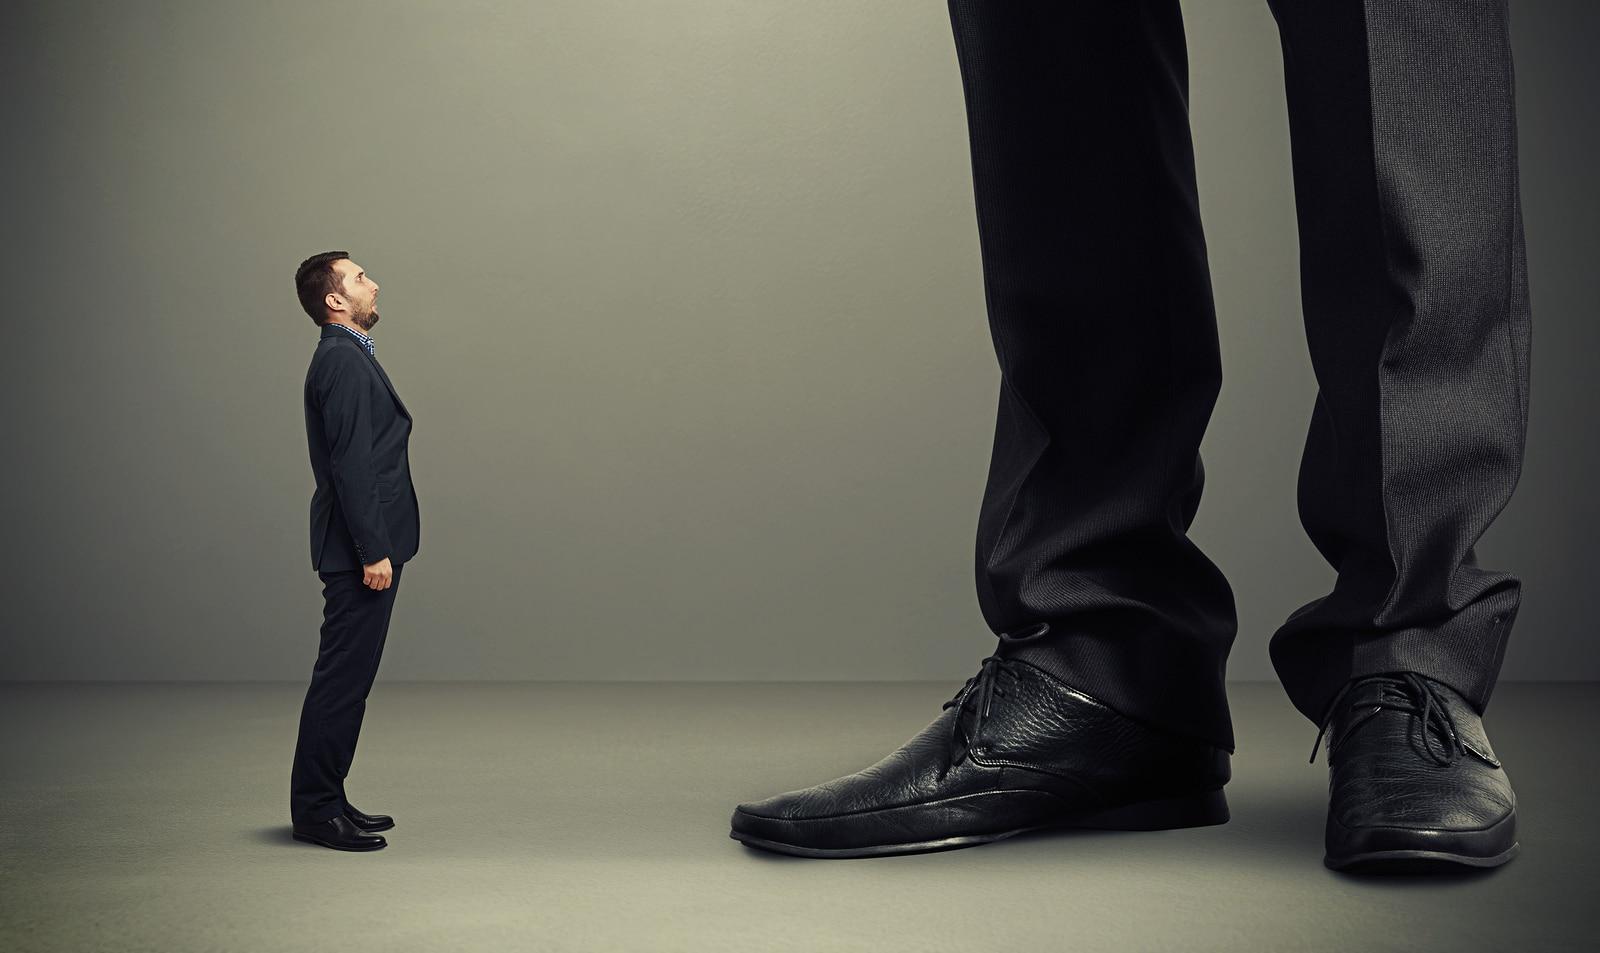 Los hombres de baja estatura mantienen relaciones más estables